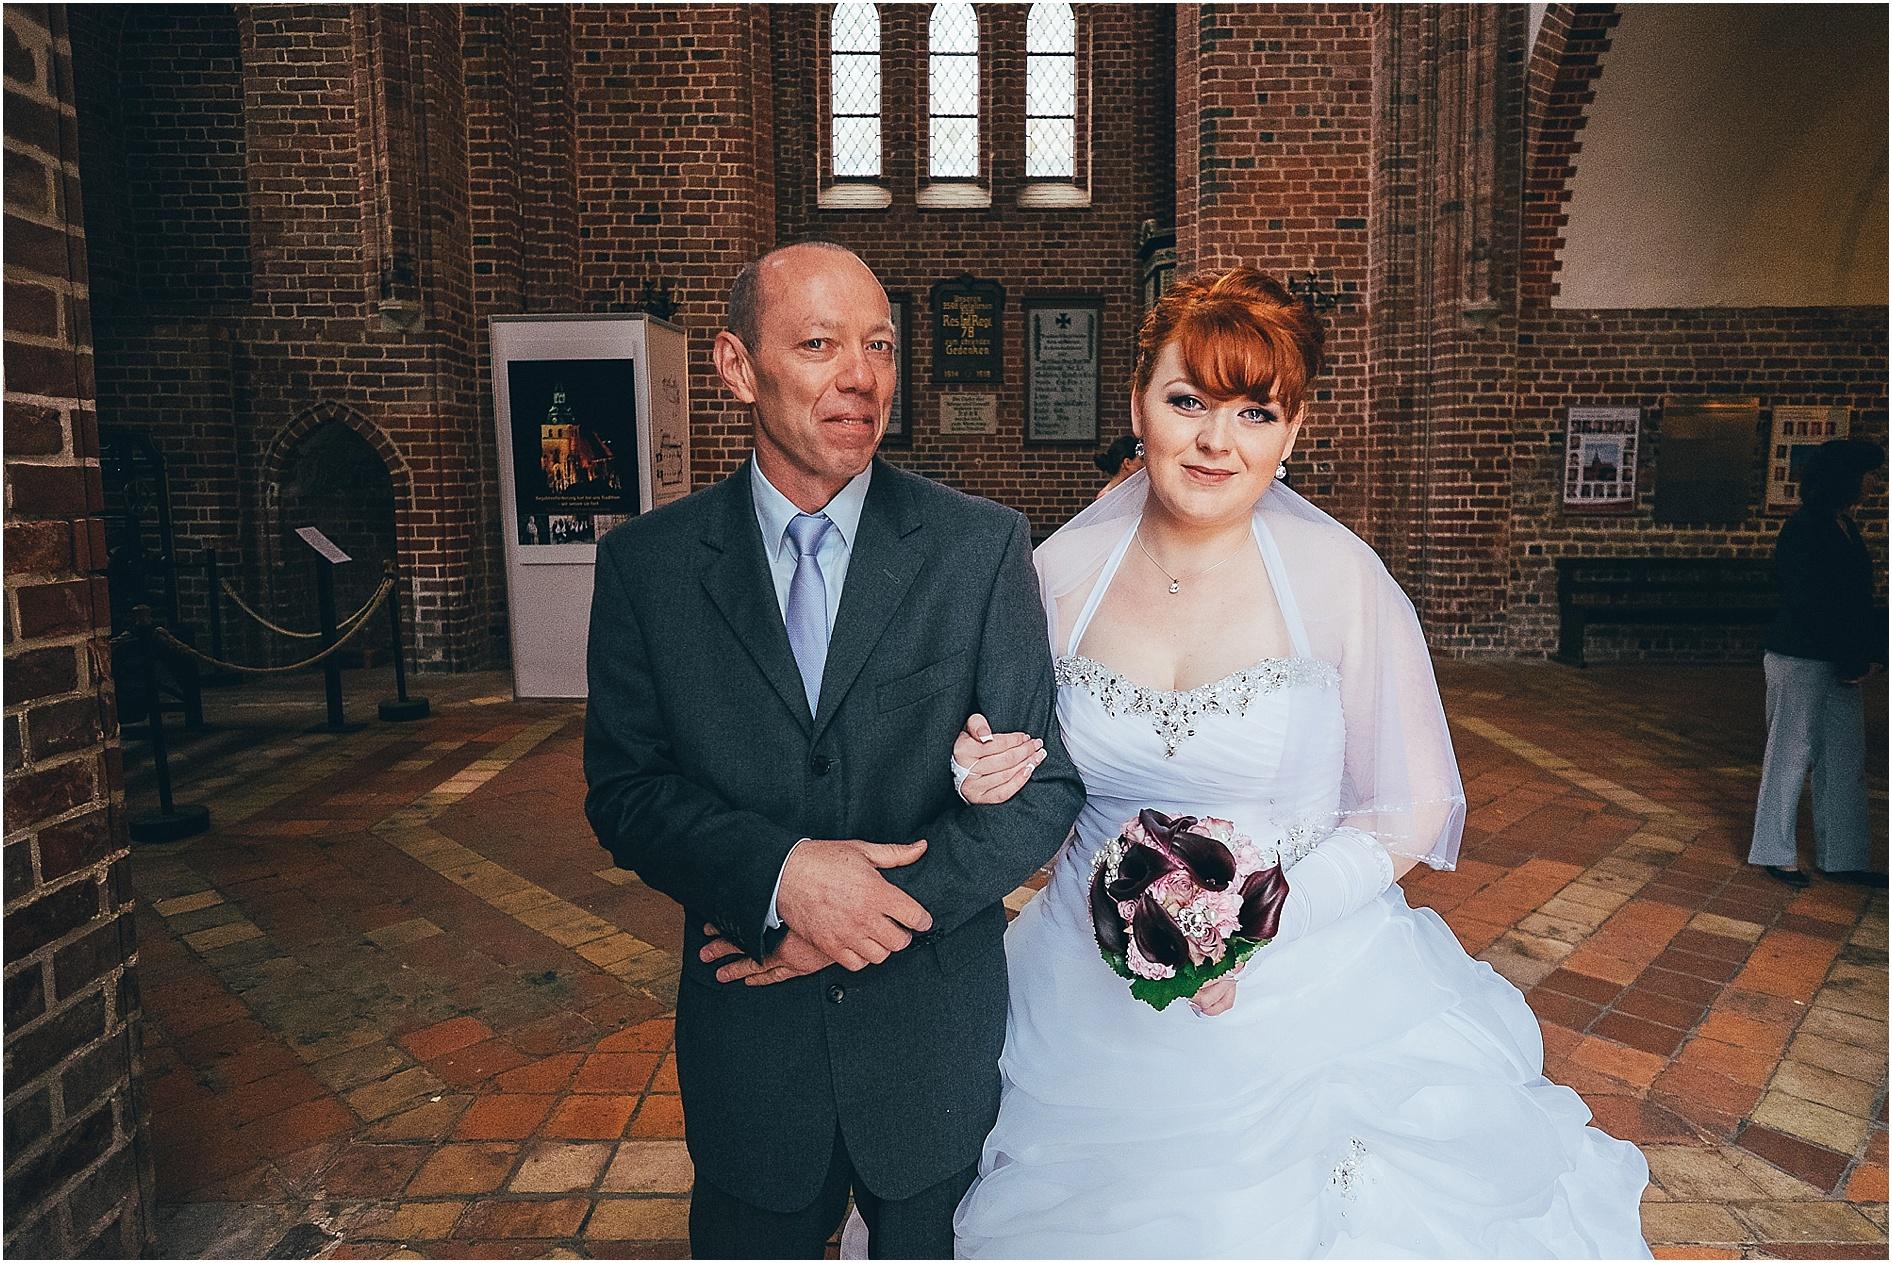 2014-11-20_0030 Lora & Daniel - Als Hochzeitsfotograf in Lüneburg